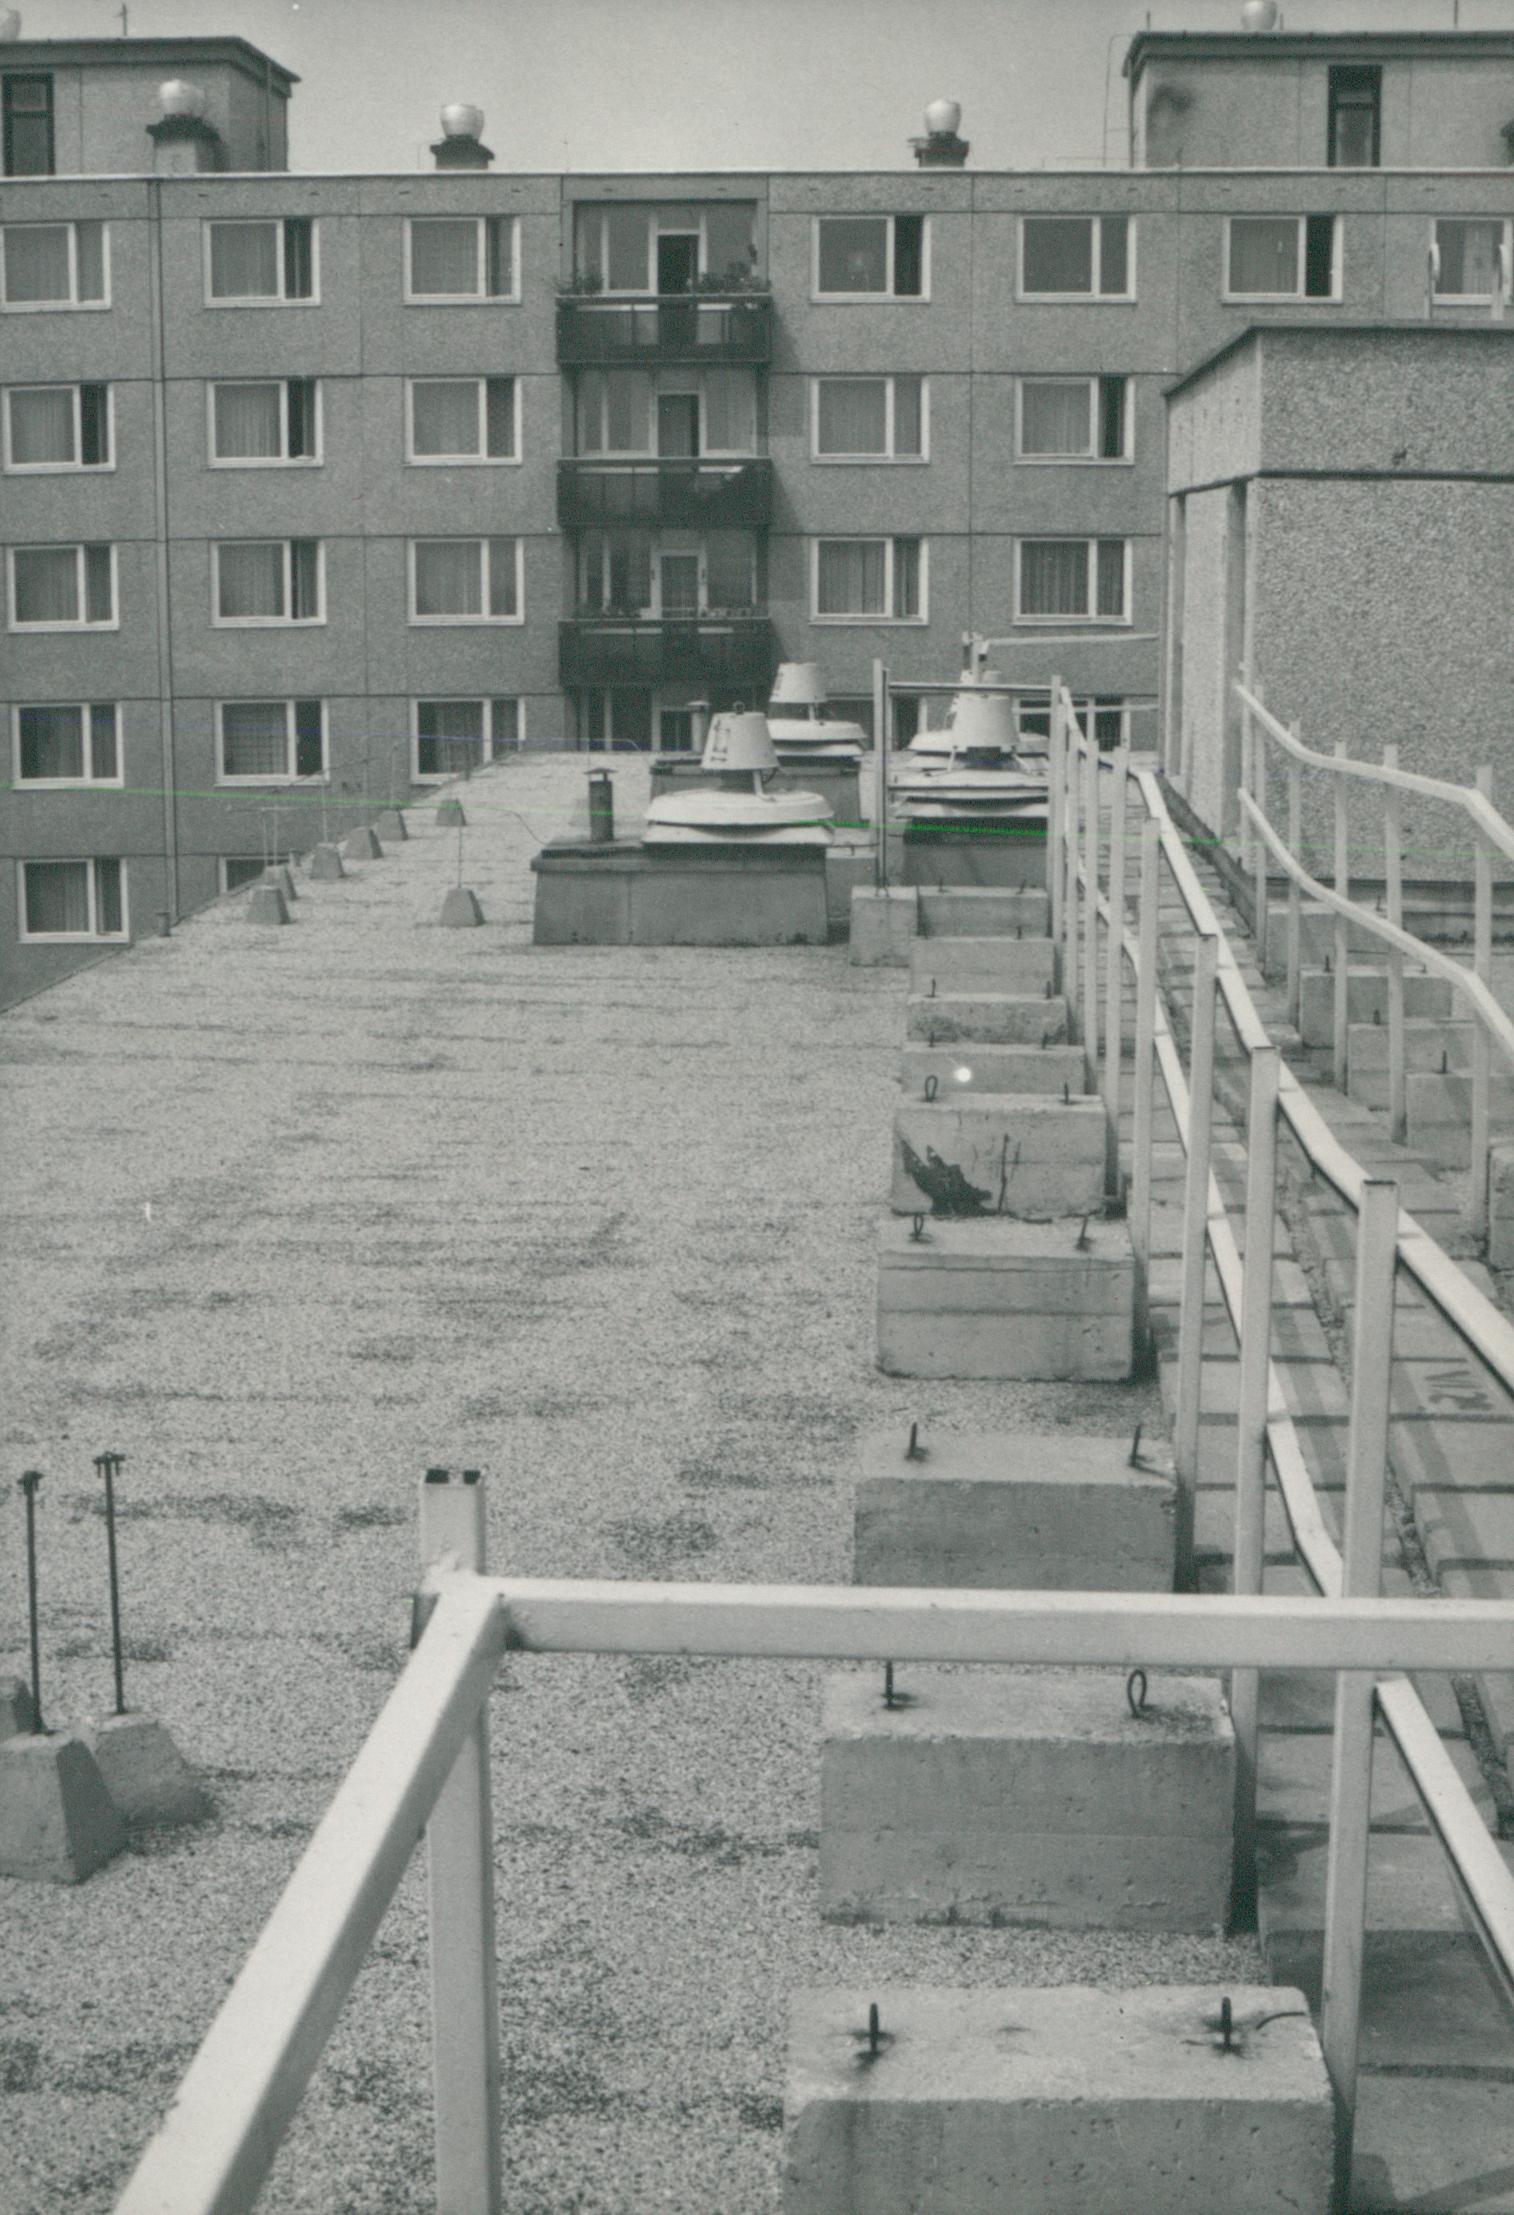 Panelvizsgálat az újpalotai lakótelepen